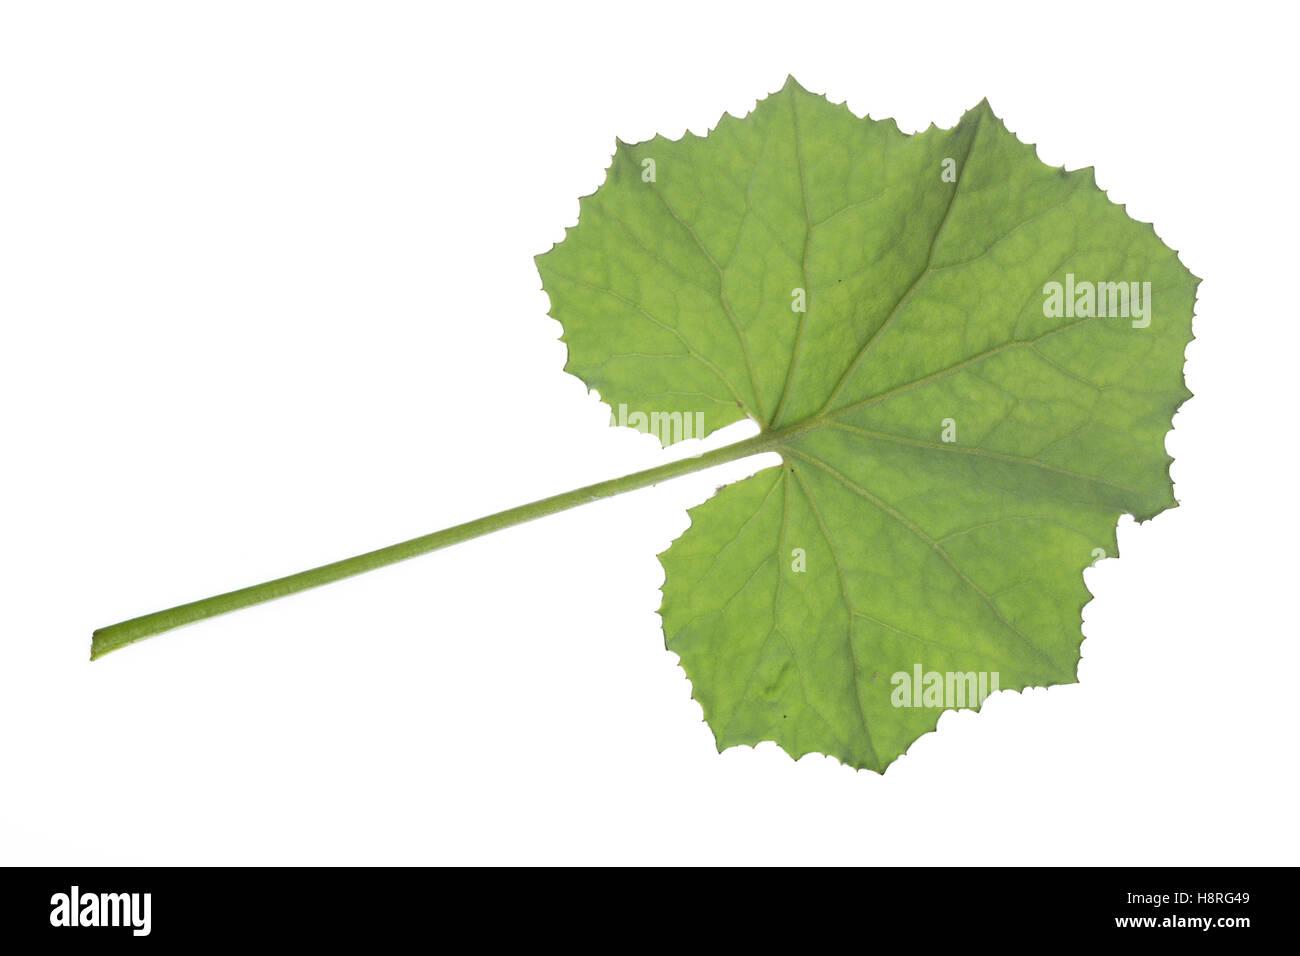 Huflattich-Blatt, Huflattich, Tussilago farfara, Coltsfoot, Pas d´âne, Tussilage. Blatt, Blätter, - Stock Image